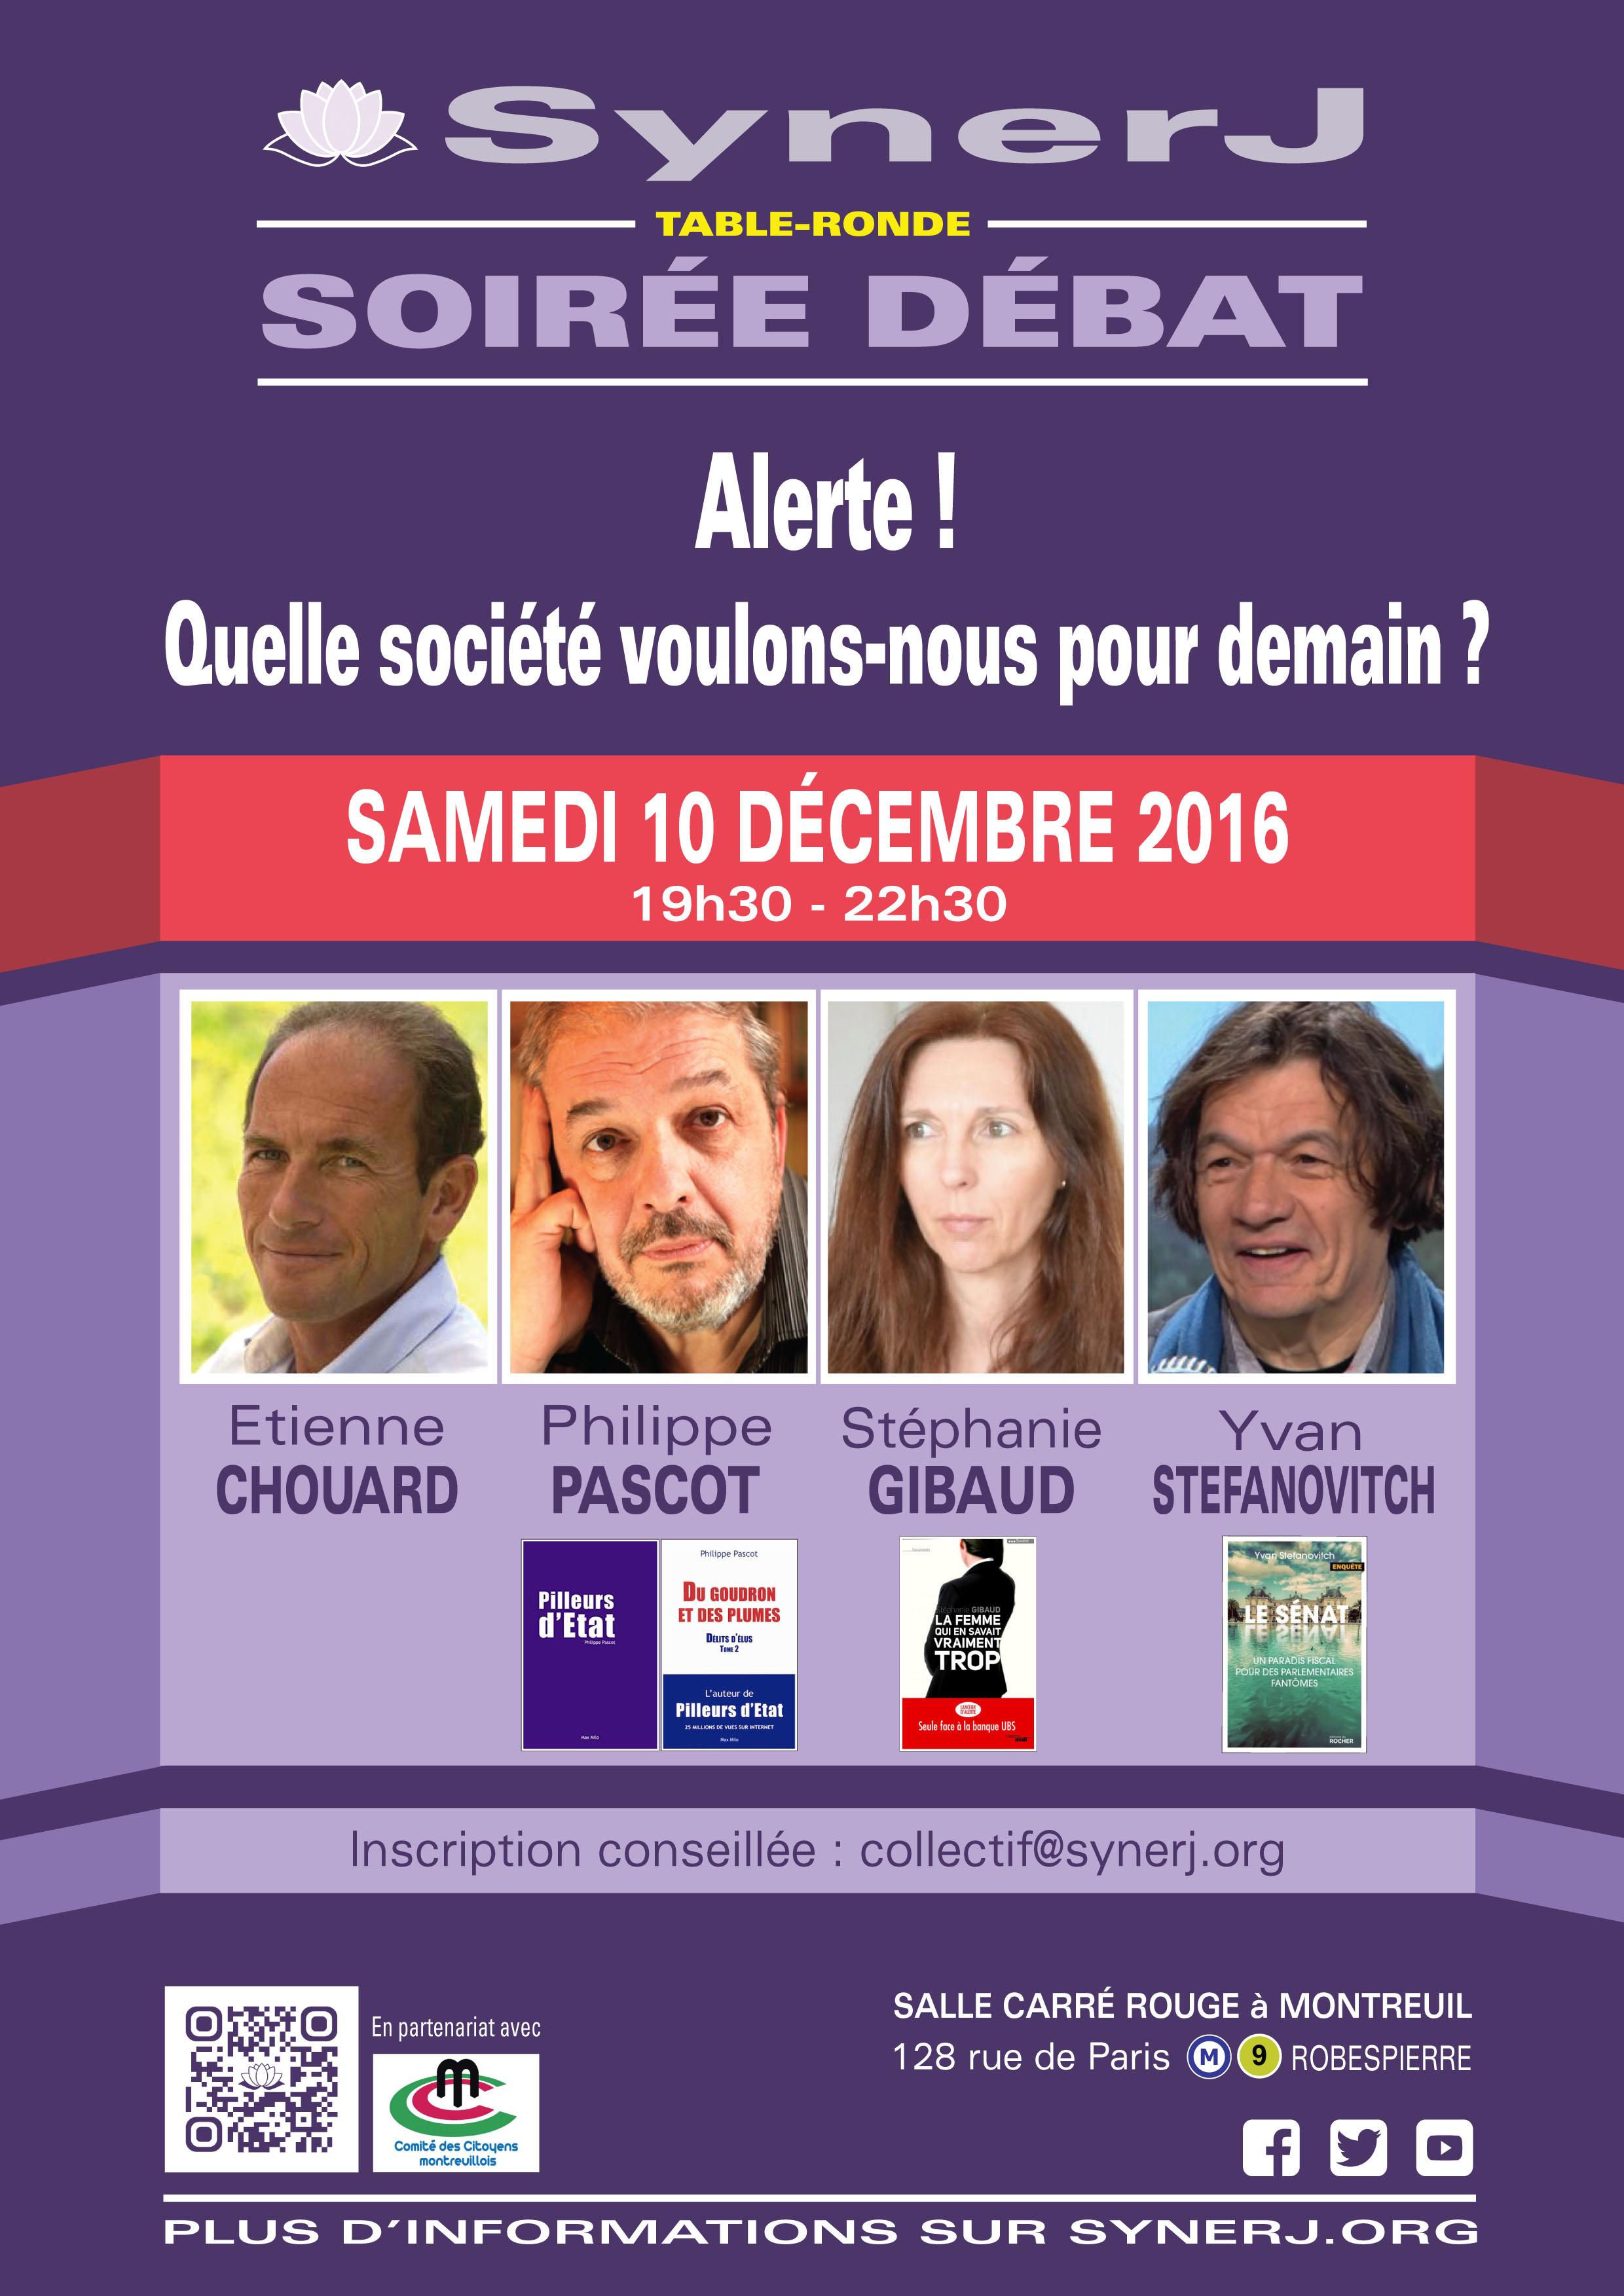 [Lanceurs d'alerte, contrôle des politiciens et constitution d'origine citoyenne] Rendez-vous le 10 décembre 2016 à Paris, avec Philippe Pascot, Yvan Stefanovitch et Stéphanie Gibaud